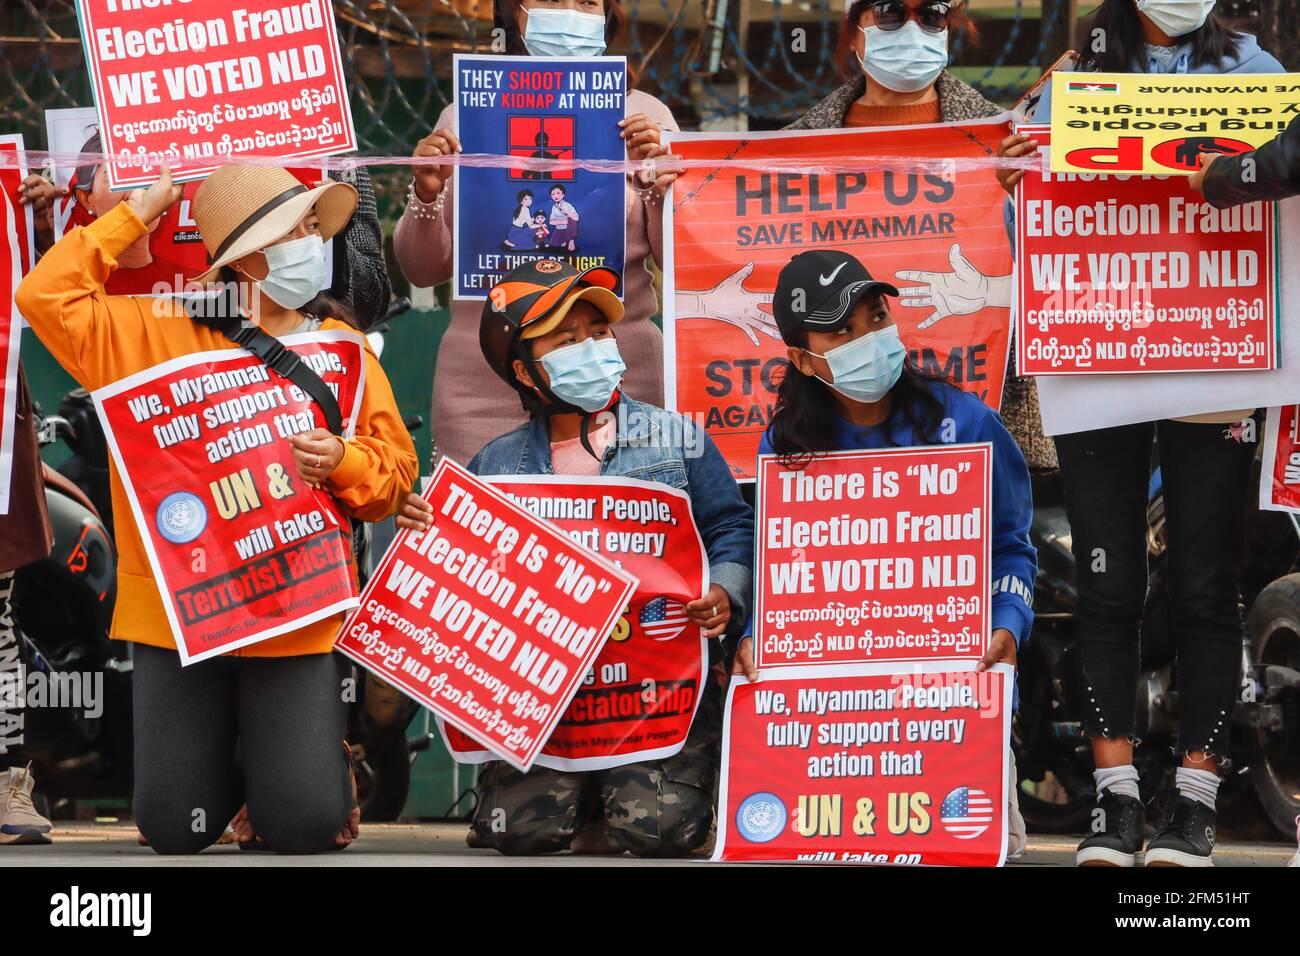 17 février 2021, Lashio, État de Shan Nord, Myanmar : Les manifestants anti-coup d'Etat militaire ont des pancartes qui lisaient « nous avons voté NLD, nous avons besoin de l'aide de l'ONU et des États-Unis » lors d'une manifestation pacifique contre le coup d'Etat militaire. Une foule massive s'est emparée dans les rues de Lashio pour protester contre le coup d'Etat militaire et a demandé la libération d'Aung San Suu Kyi. L'armée du Myanmar a arrêté le conseiller d'État du Myanmar Aung San Suu Kyi le 01 février 2021 et a déclaré l'état d'urgence tout en prenant le pouvoir dans le pays pendant un an après avoir perdu les élections contre la Ligue nationale pour la démocratie (crédit Imag Banque D'Images